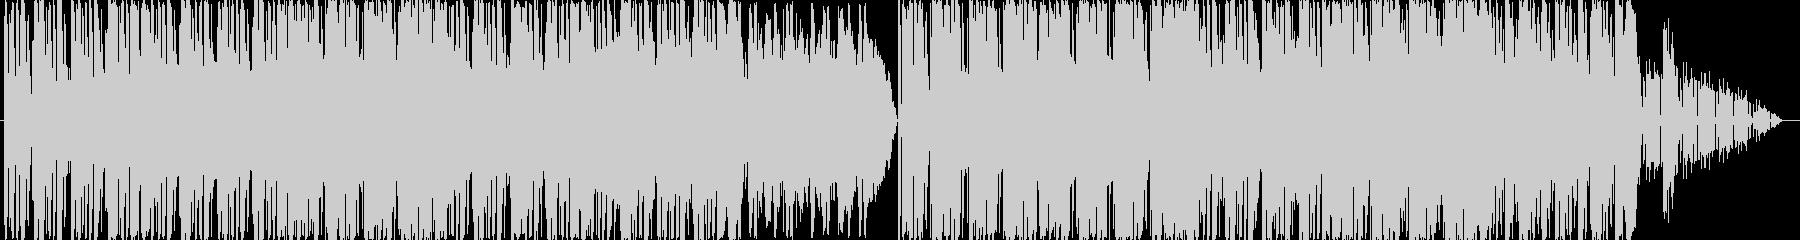 ドラムンベースです。ほぼすべてガジェッ…の未再生の波形